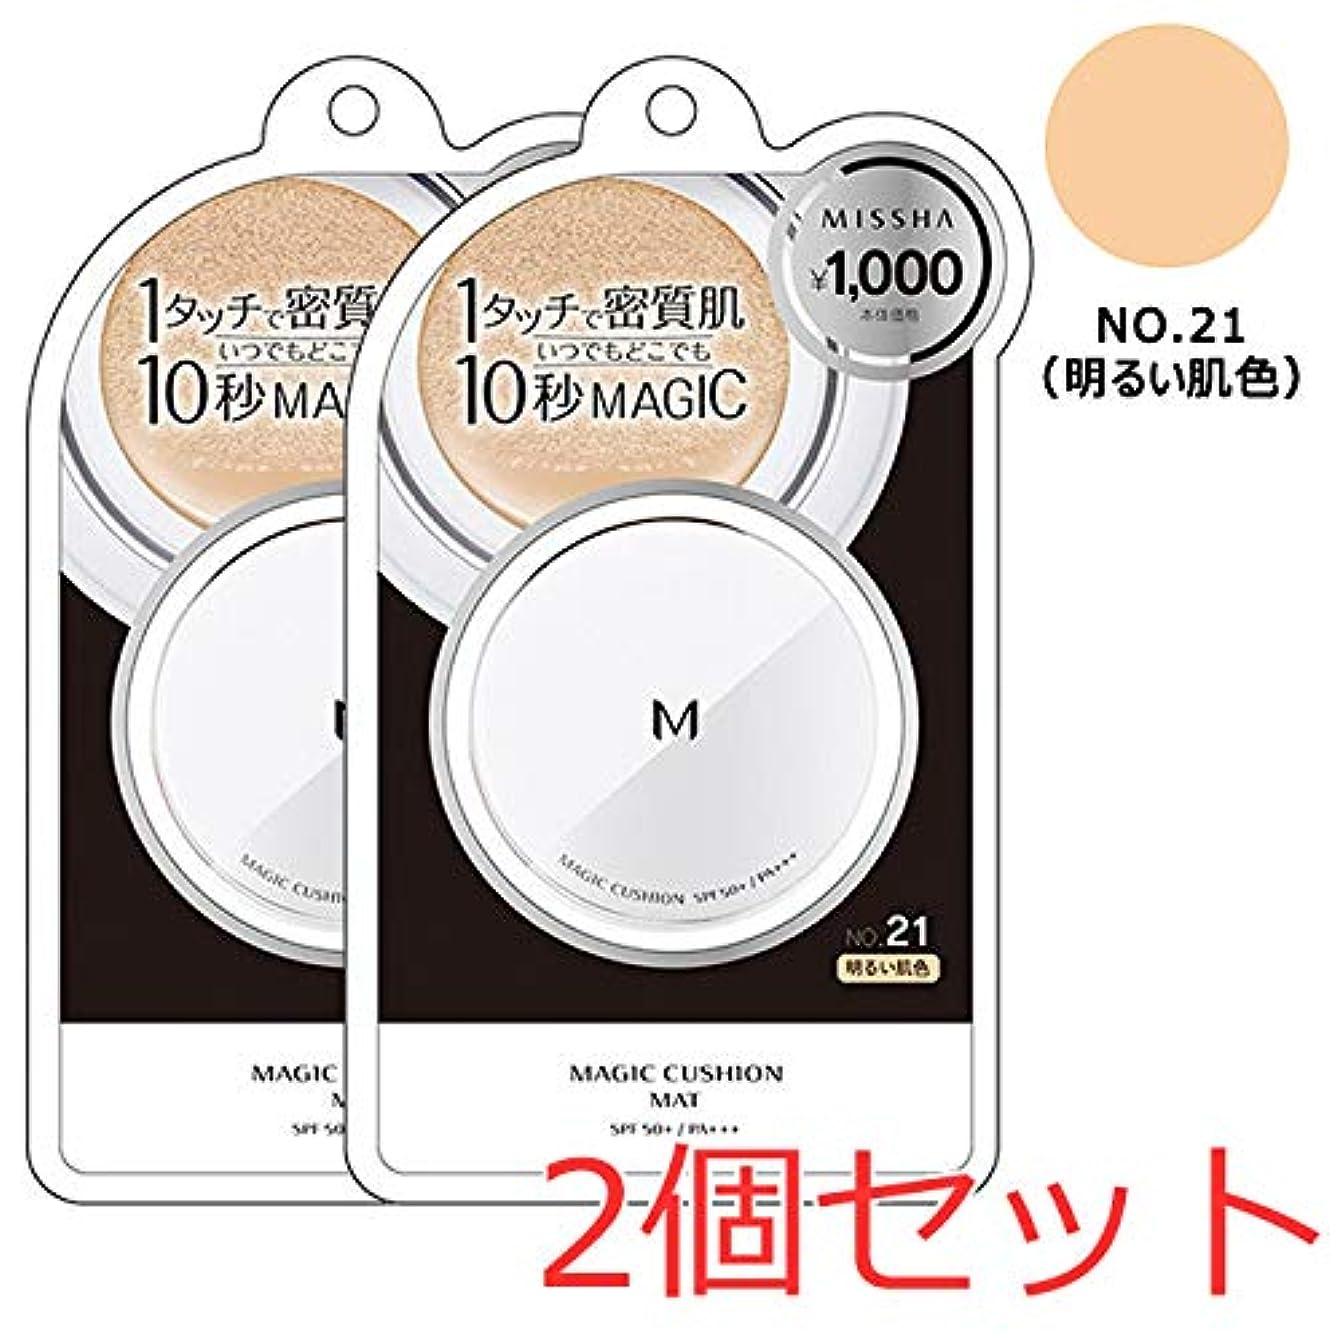 艶付ける綺麗なミシャ M クッション ファンデーション (マット) No.21 明るい肌色 2個セット